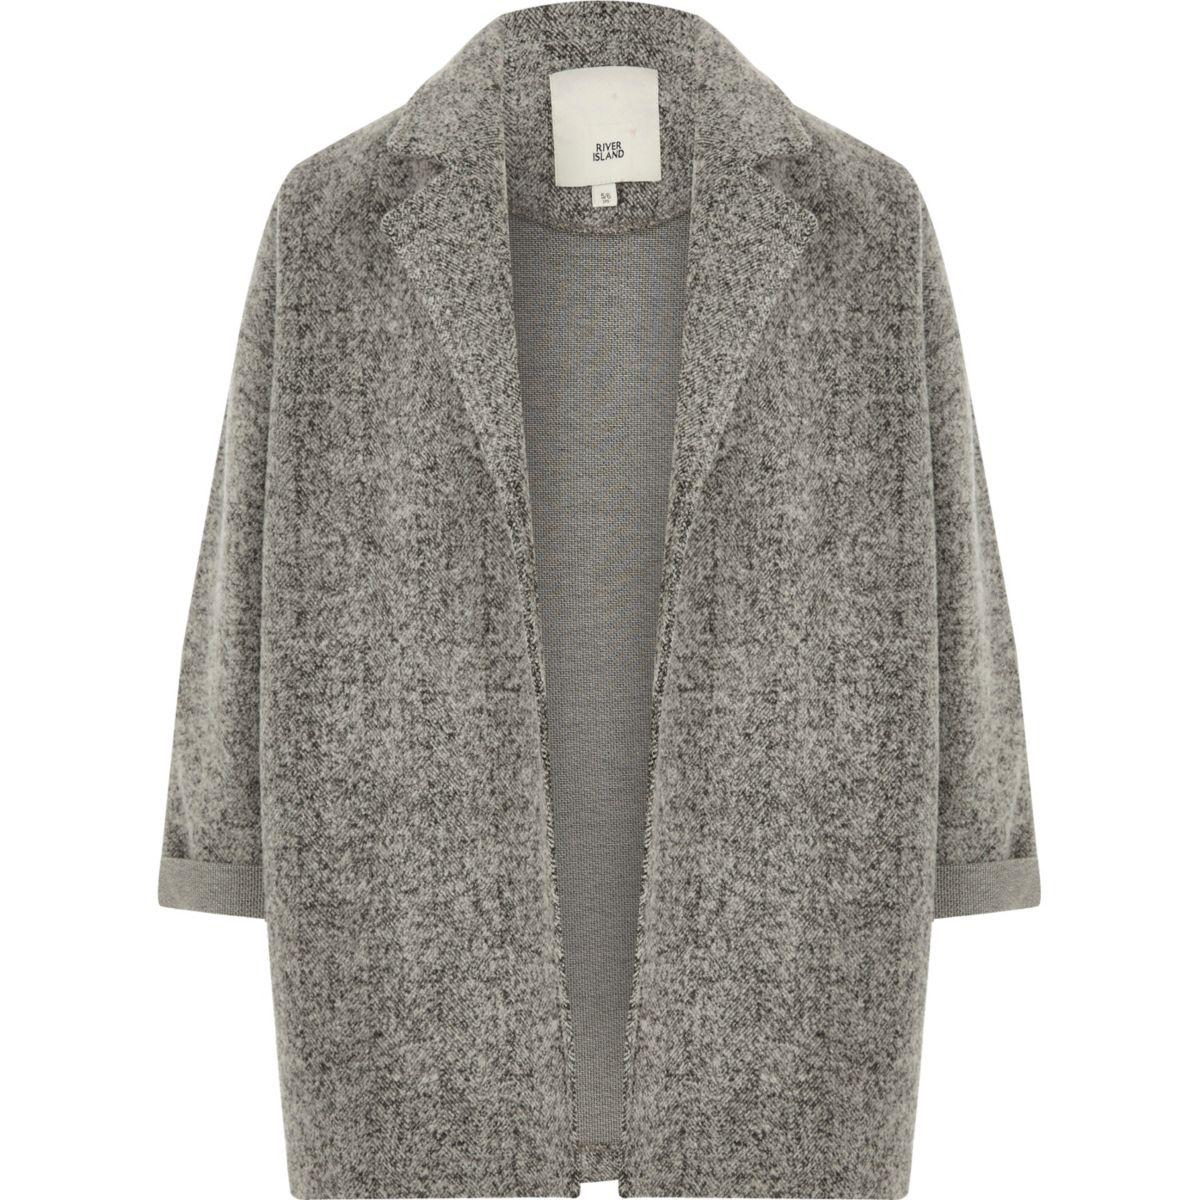 Grauer, strukturierter Jersey-Blazer